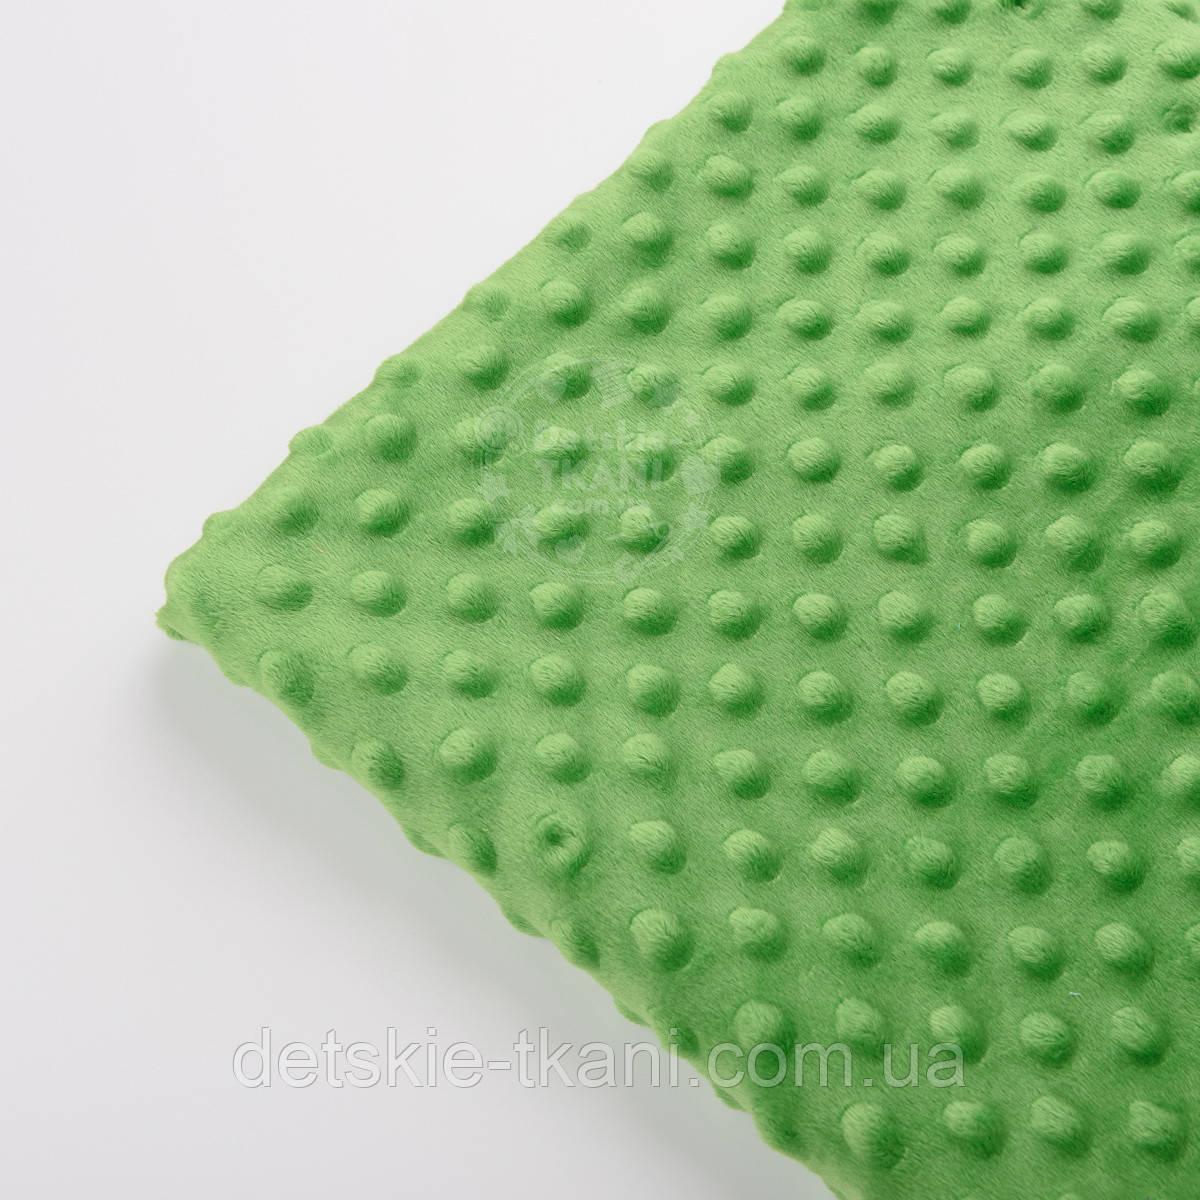 Отрез плюш minky М-3 размером 100*80 см тёмно-зелёного цвета